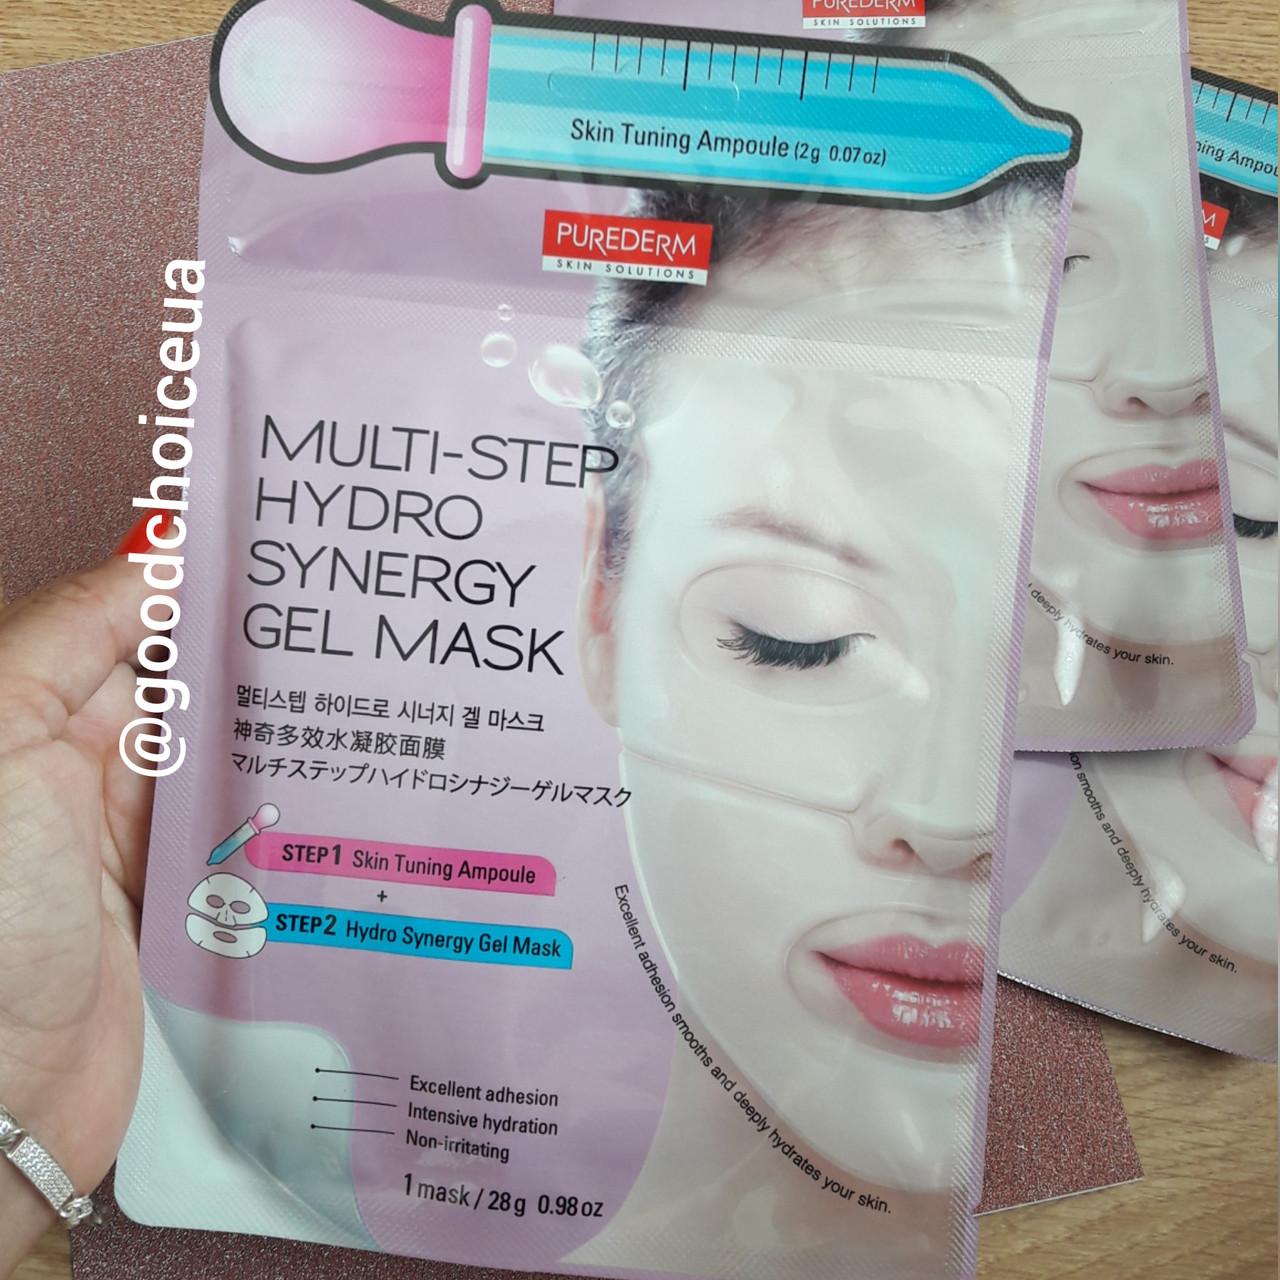 Двухфазная гидрогелевая маска Purederm Multi Step Hydro Synergy Gel Mask